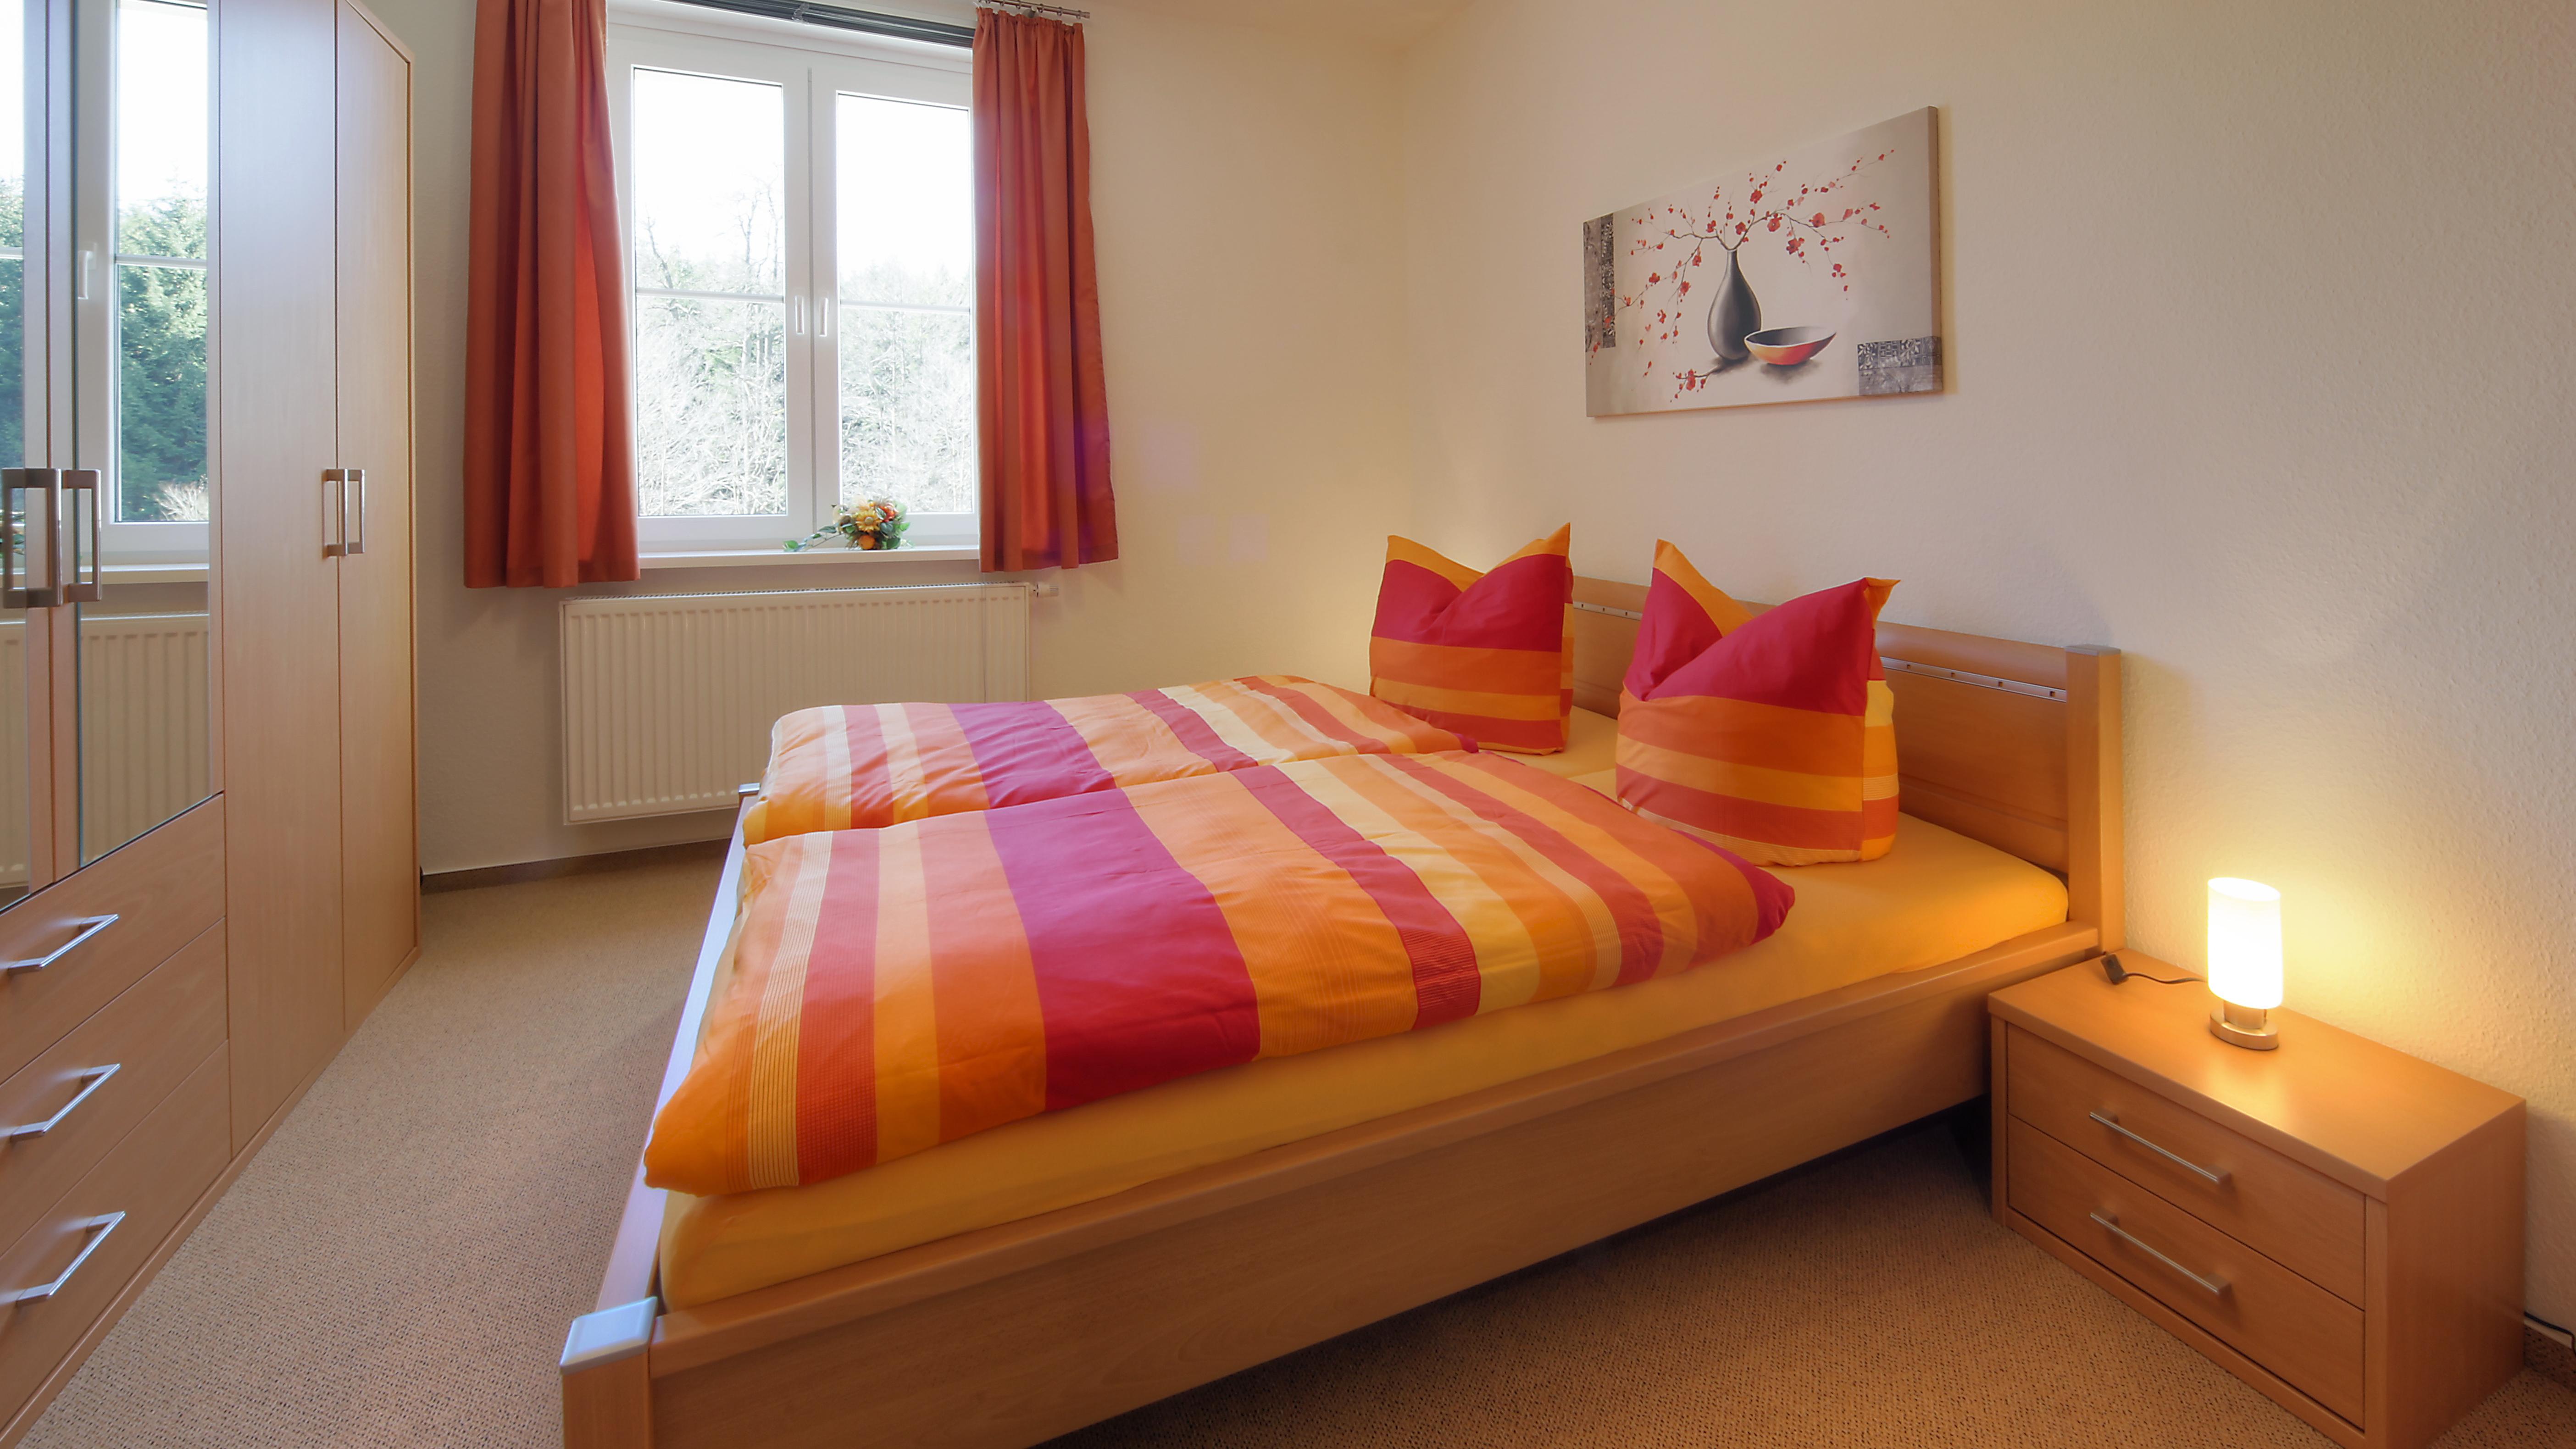 Ferienwohnungen an der Bode in Schierke - FW Große Bode - Schlafzimmer